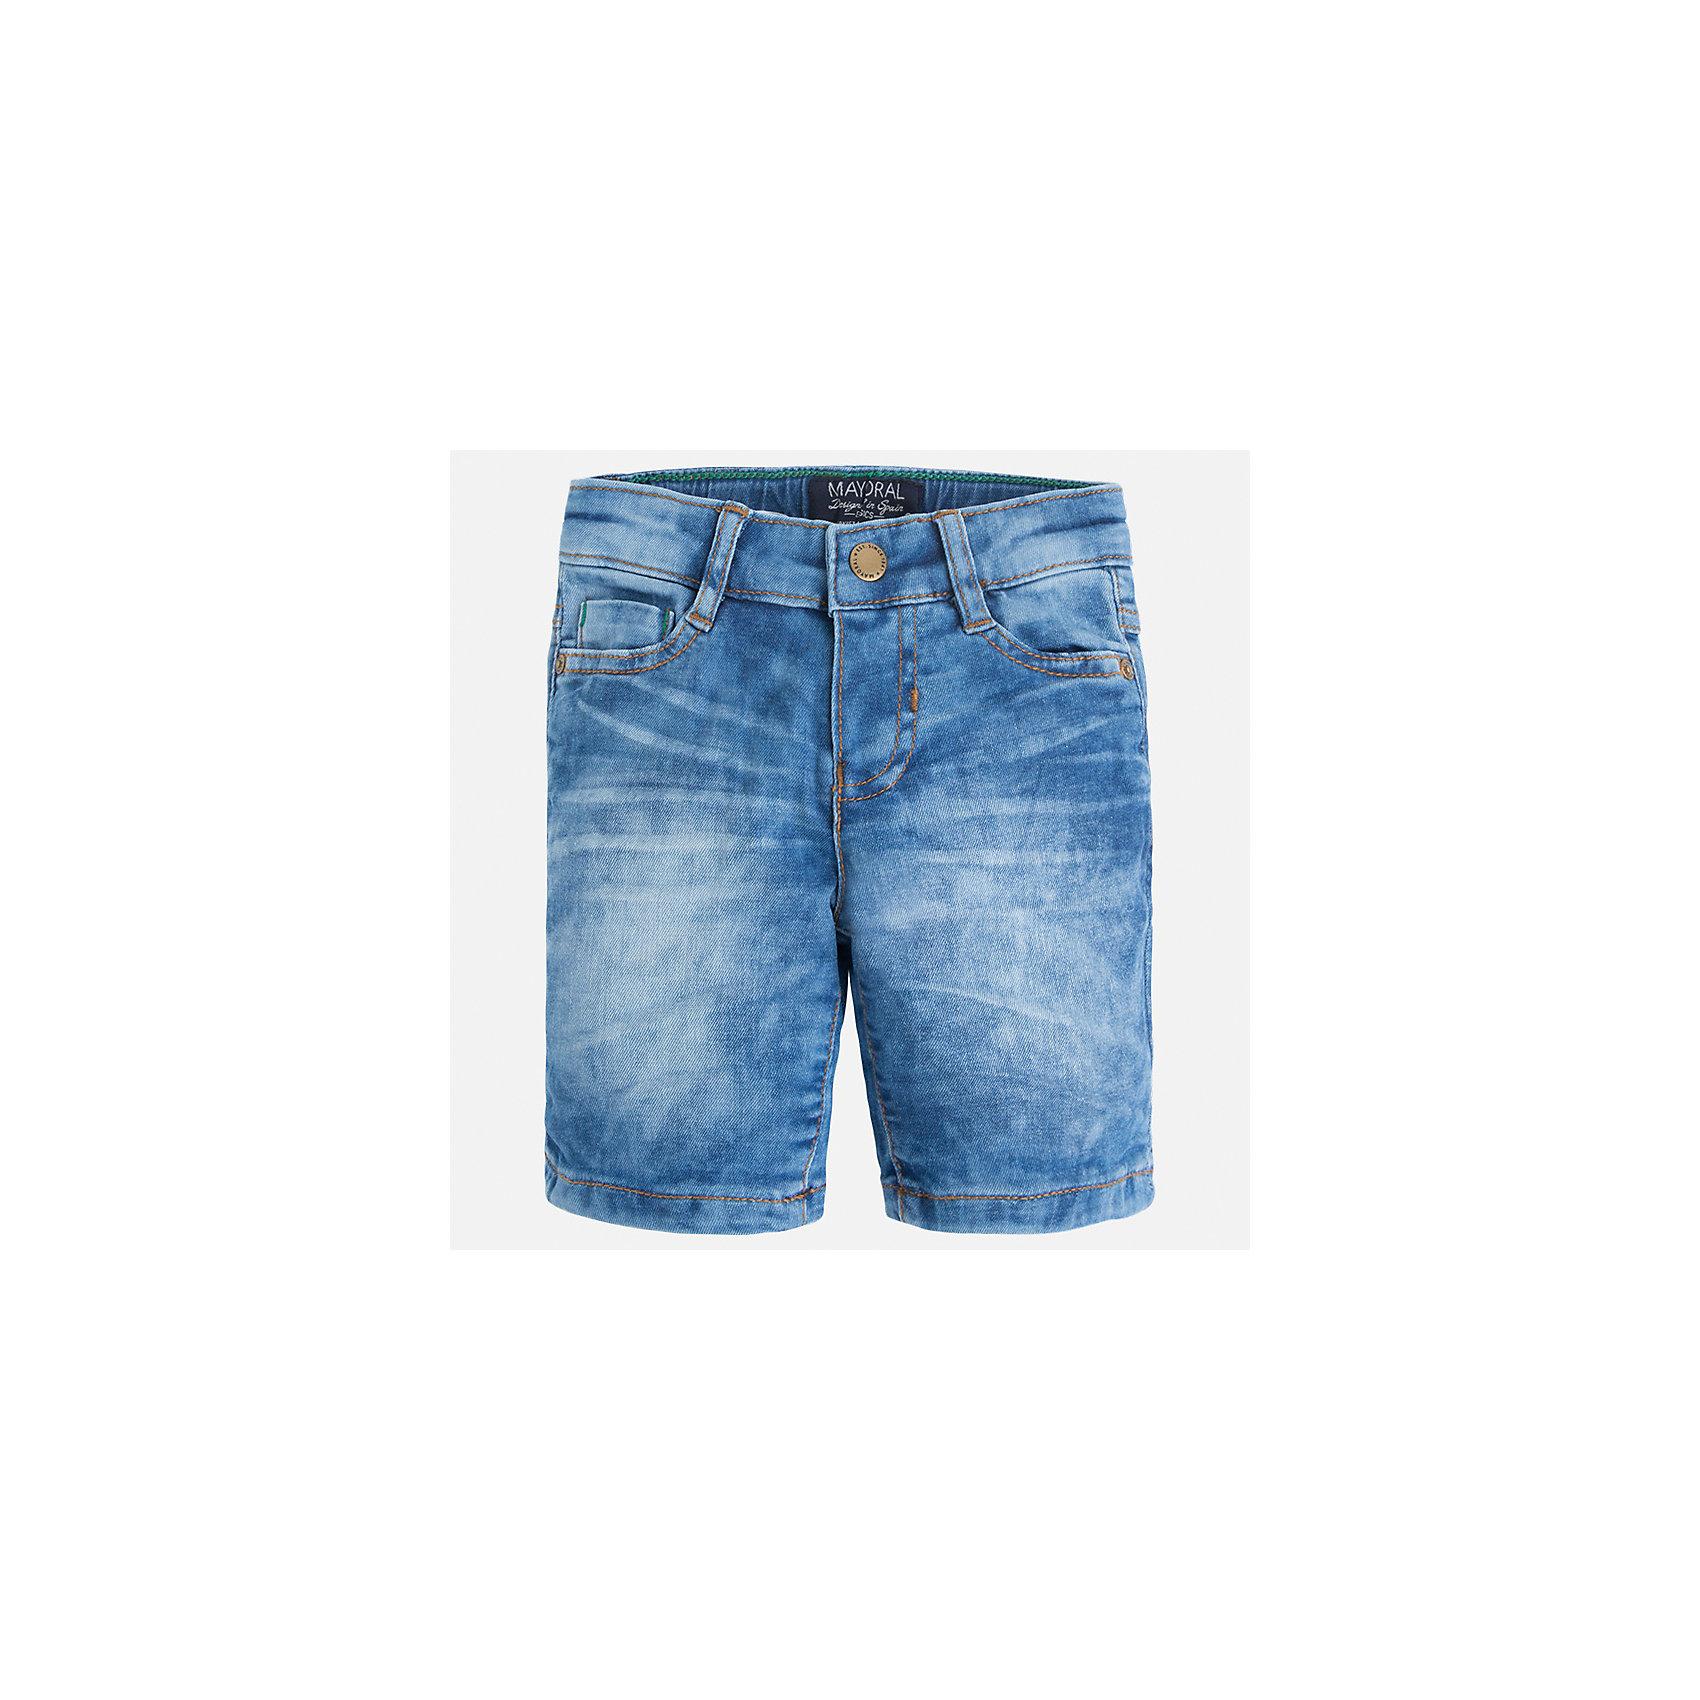 Бриджи джинсовые для мальчика MayoralШорты, бриджи, капри<br>Характеристики товара:<br><br>• цвет: синий<br>• состав: 97% хлопок, 3% эластан<br>• шлевки<br>• карманы<br>• пояс с регулировкой объема<br>• имитация потертости<br>• страна бренда: Испания<br><br>Модные бриджи для мальчика смогут стать базовой вещью в гардеробе ребенка. Они отлично сочетаются с майками, футболками, рубашками и т.д. Универсальный крой и цвет позволяет подобрать к вещи верх разных расцветок. Практичное и стильное изделие! В составе материала - натуральный хлопок, гипоаллергенный, приятный на ощупь, дышащий.<br><br>Одежда, обувь и аксессуары от испанского бренда Mayoral полюбились детям и взрослым по всему миру. Модели этой марки - стильные и удобные. Для их производства используются только безопасные, качественные материалы и фурнитура. Порадуйте ребенка модными и красивыми вещами от Mayoral! <br><br>Бриджи для мальчика от испанского бренда Mayoral (Майорал) можно купить в нашем интернет-магазине.<br><br>Ширина мм: 191<br>Глубина мм: 10<br>Высота мм: 175<br>Вес г: 273<br>Цвет: синий<br>Возраст от месяцев: 18<br>Возраст до месяцев: 24<br>Пол: Мужской<br>Возраст: Детский<br>Размер: 92,122,110,134,128,116,104,98<br>SKU: 5272594